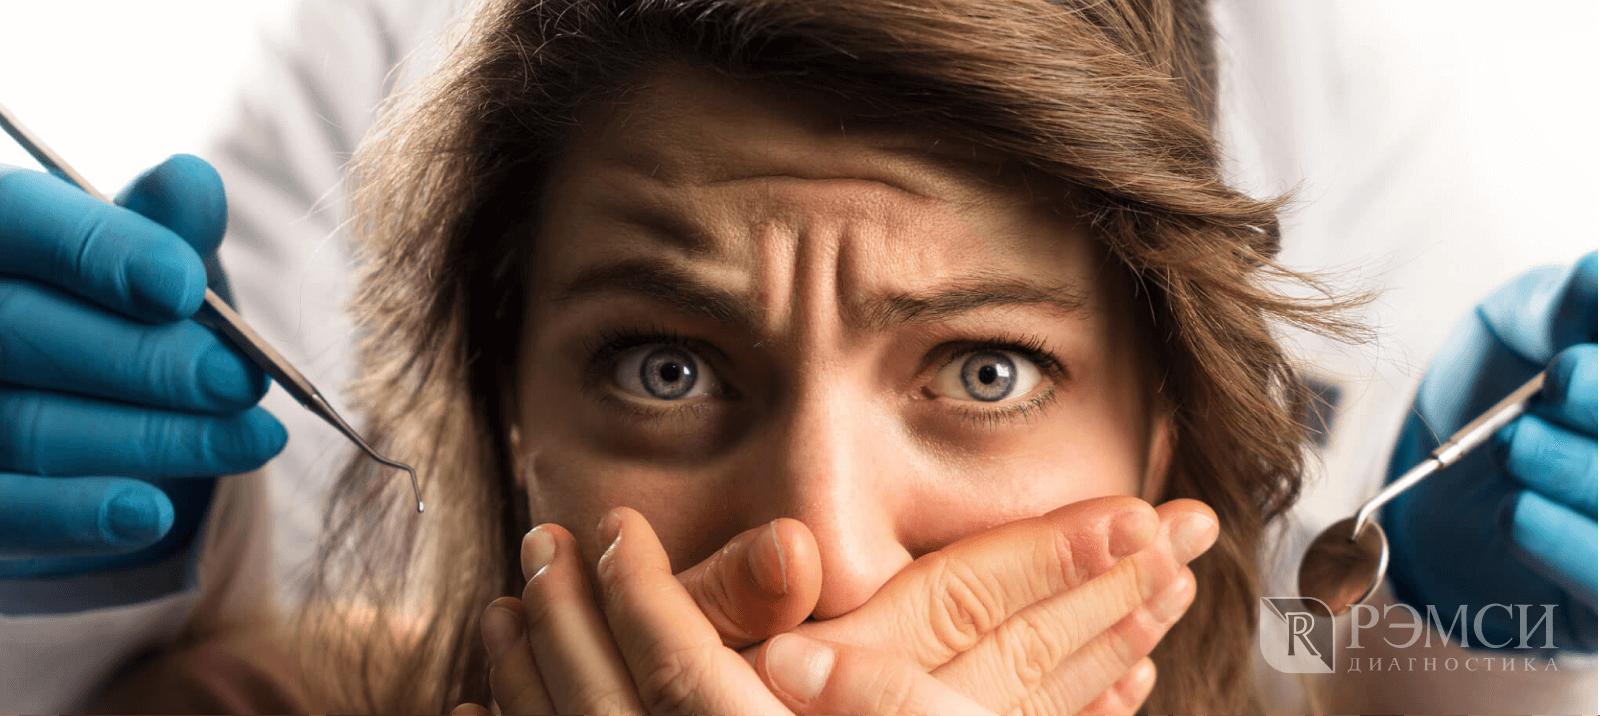 боязнь врачей фобия